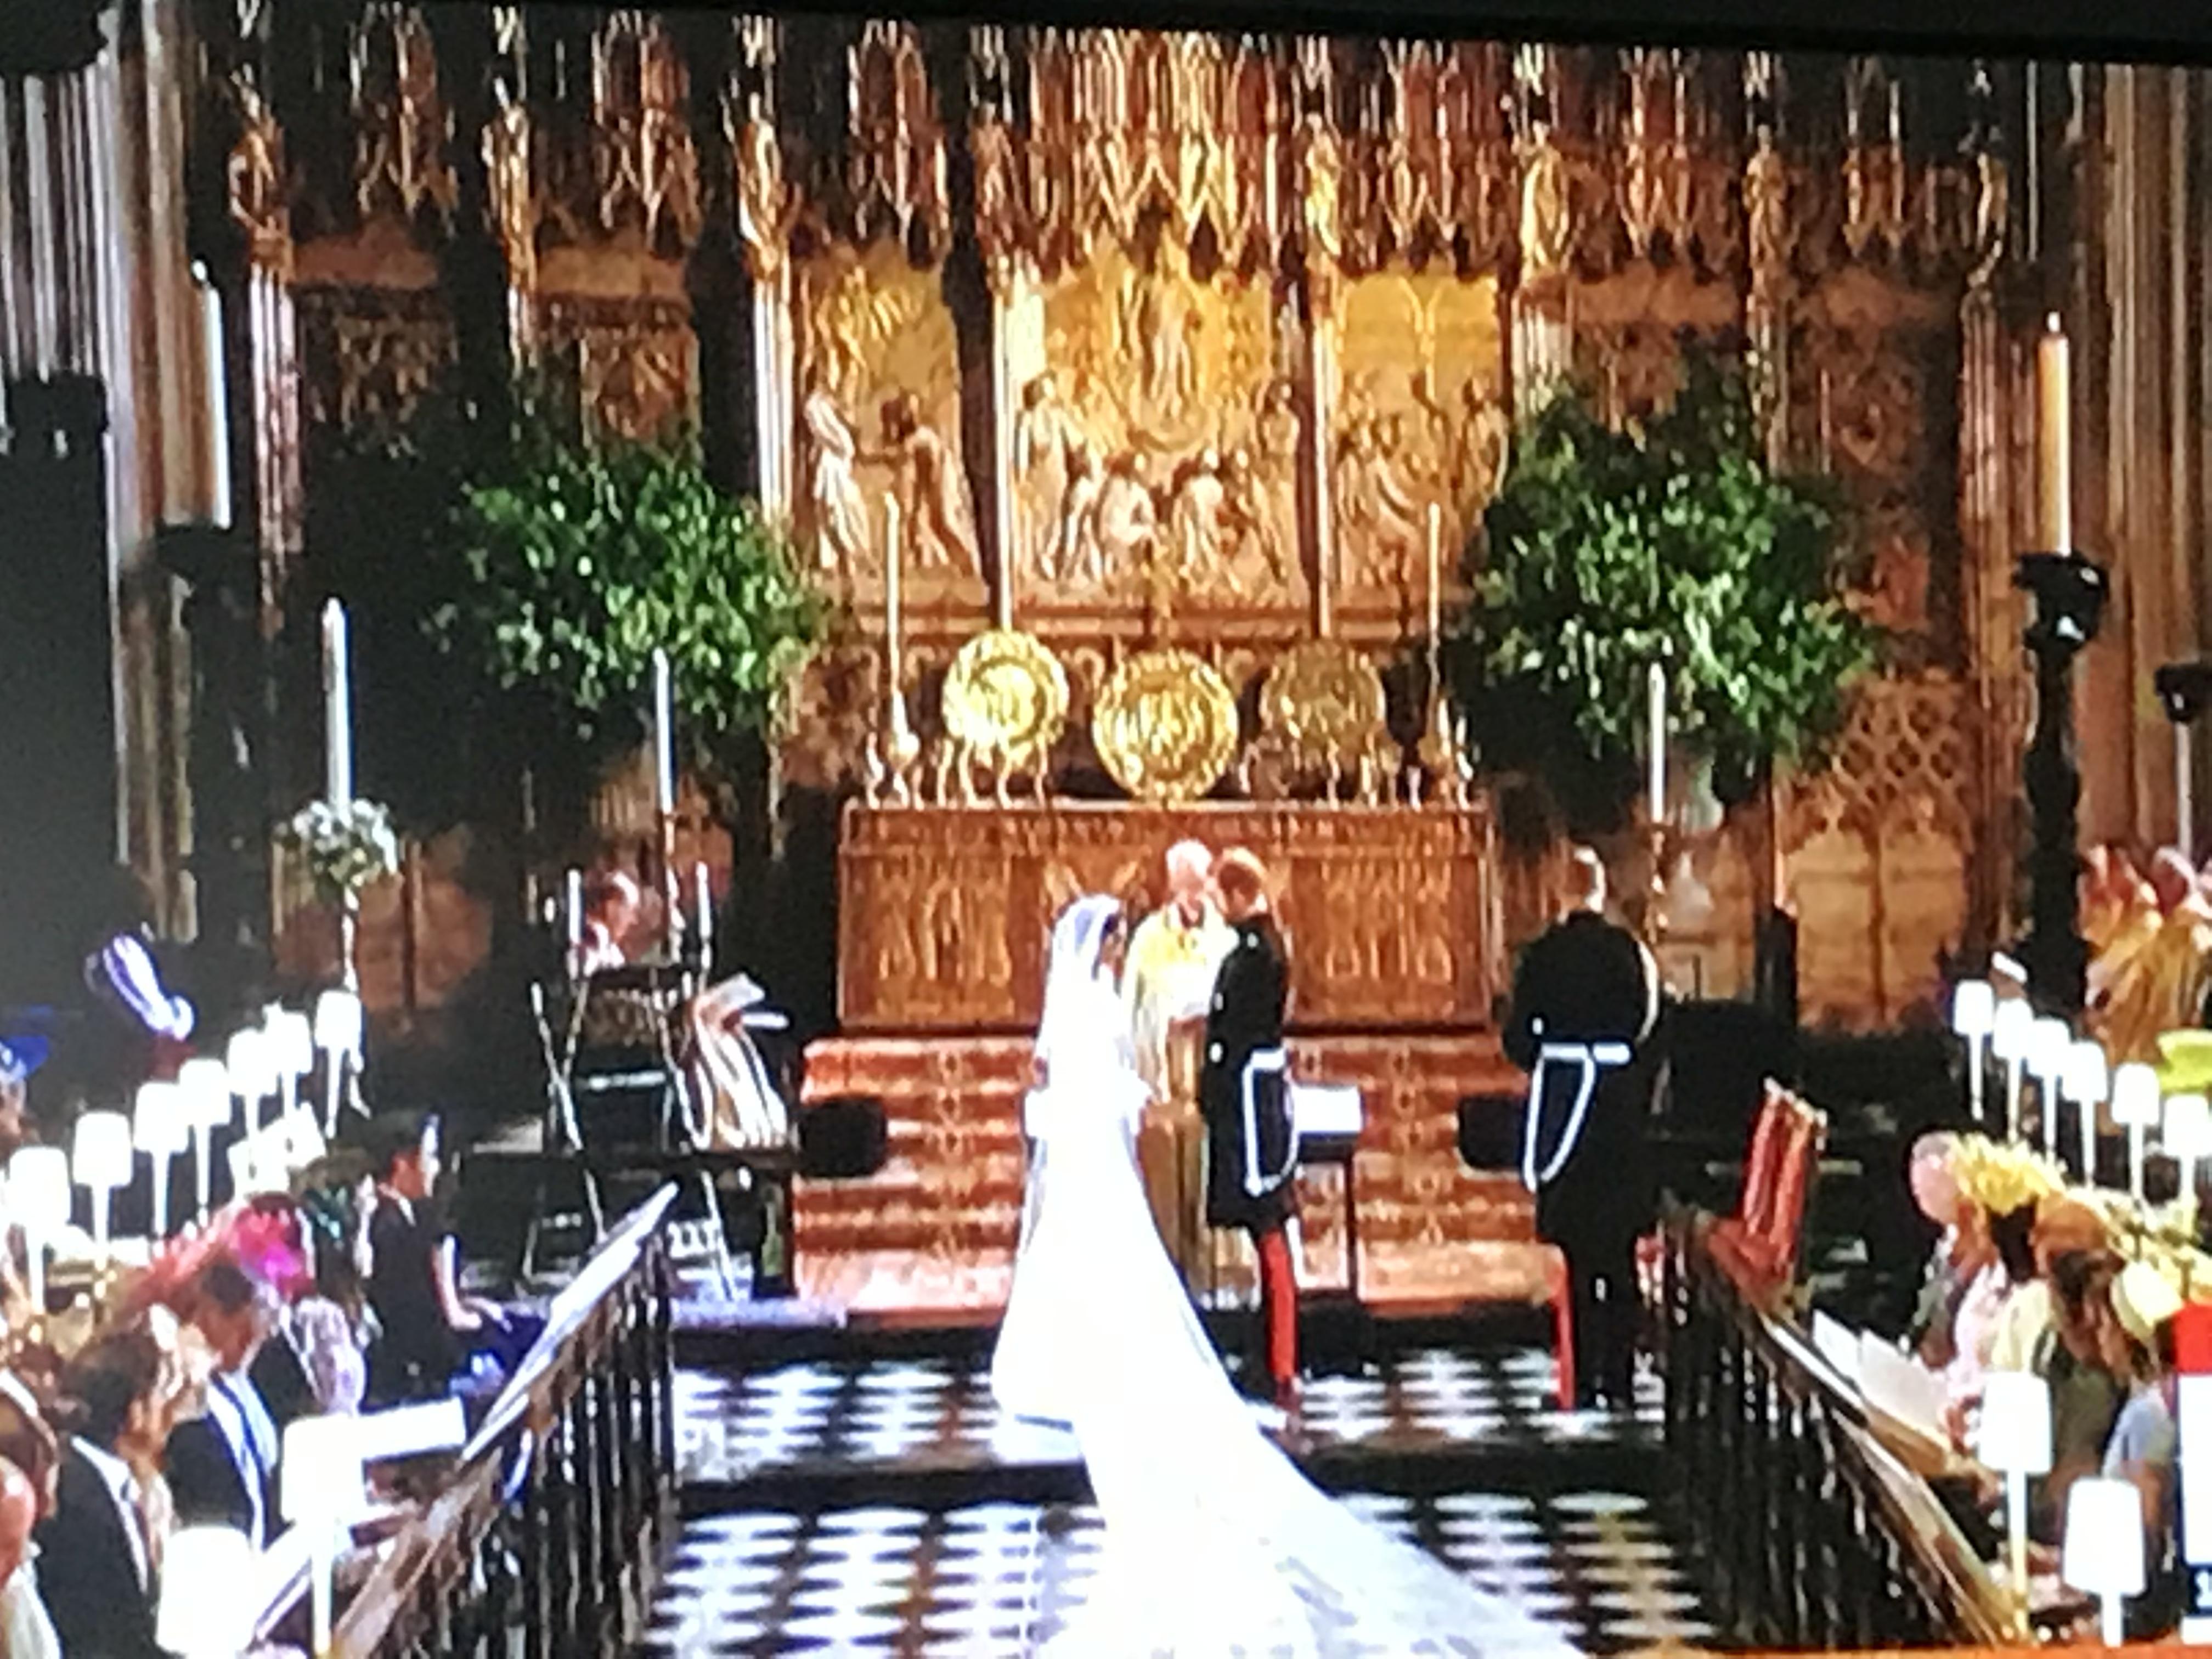 ❤イギリスのヘンリー王子とメーガンさんのロイヤルウエディングの日でした❤